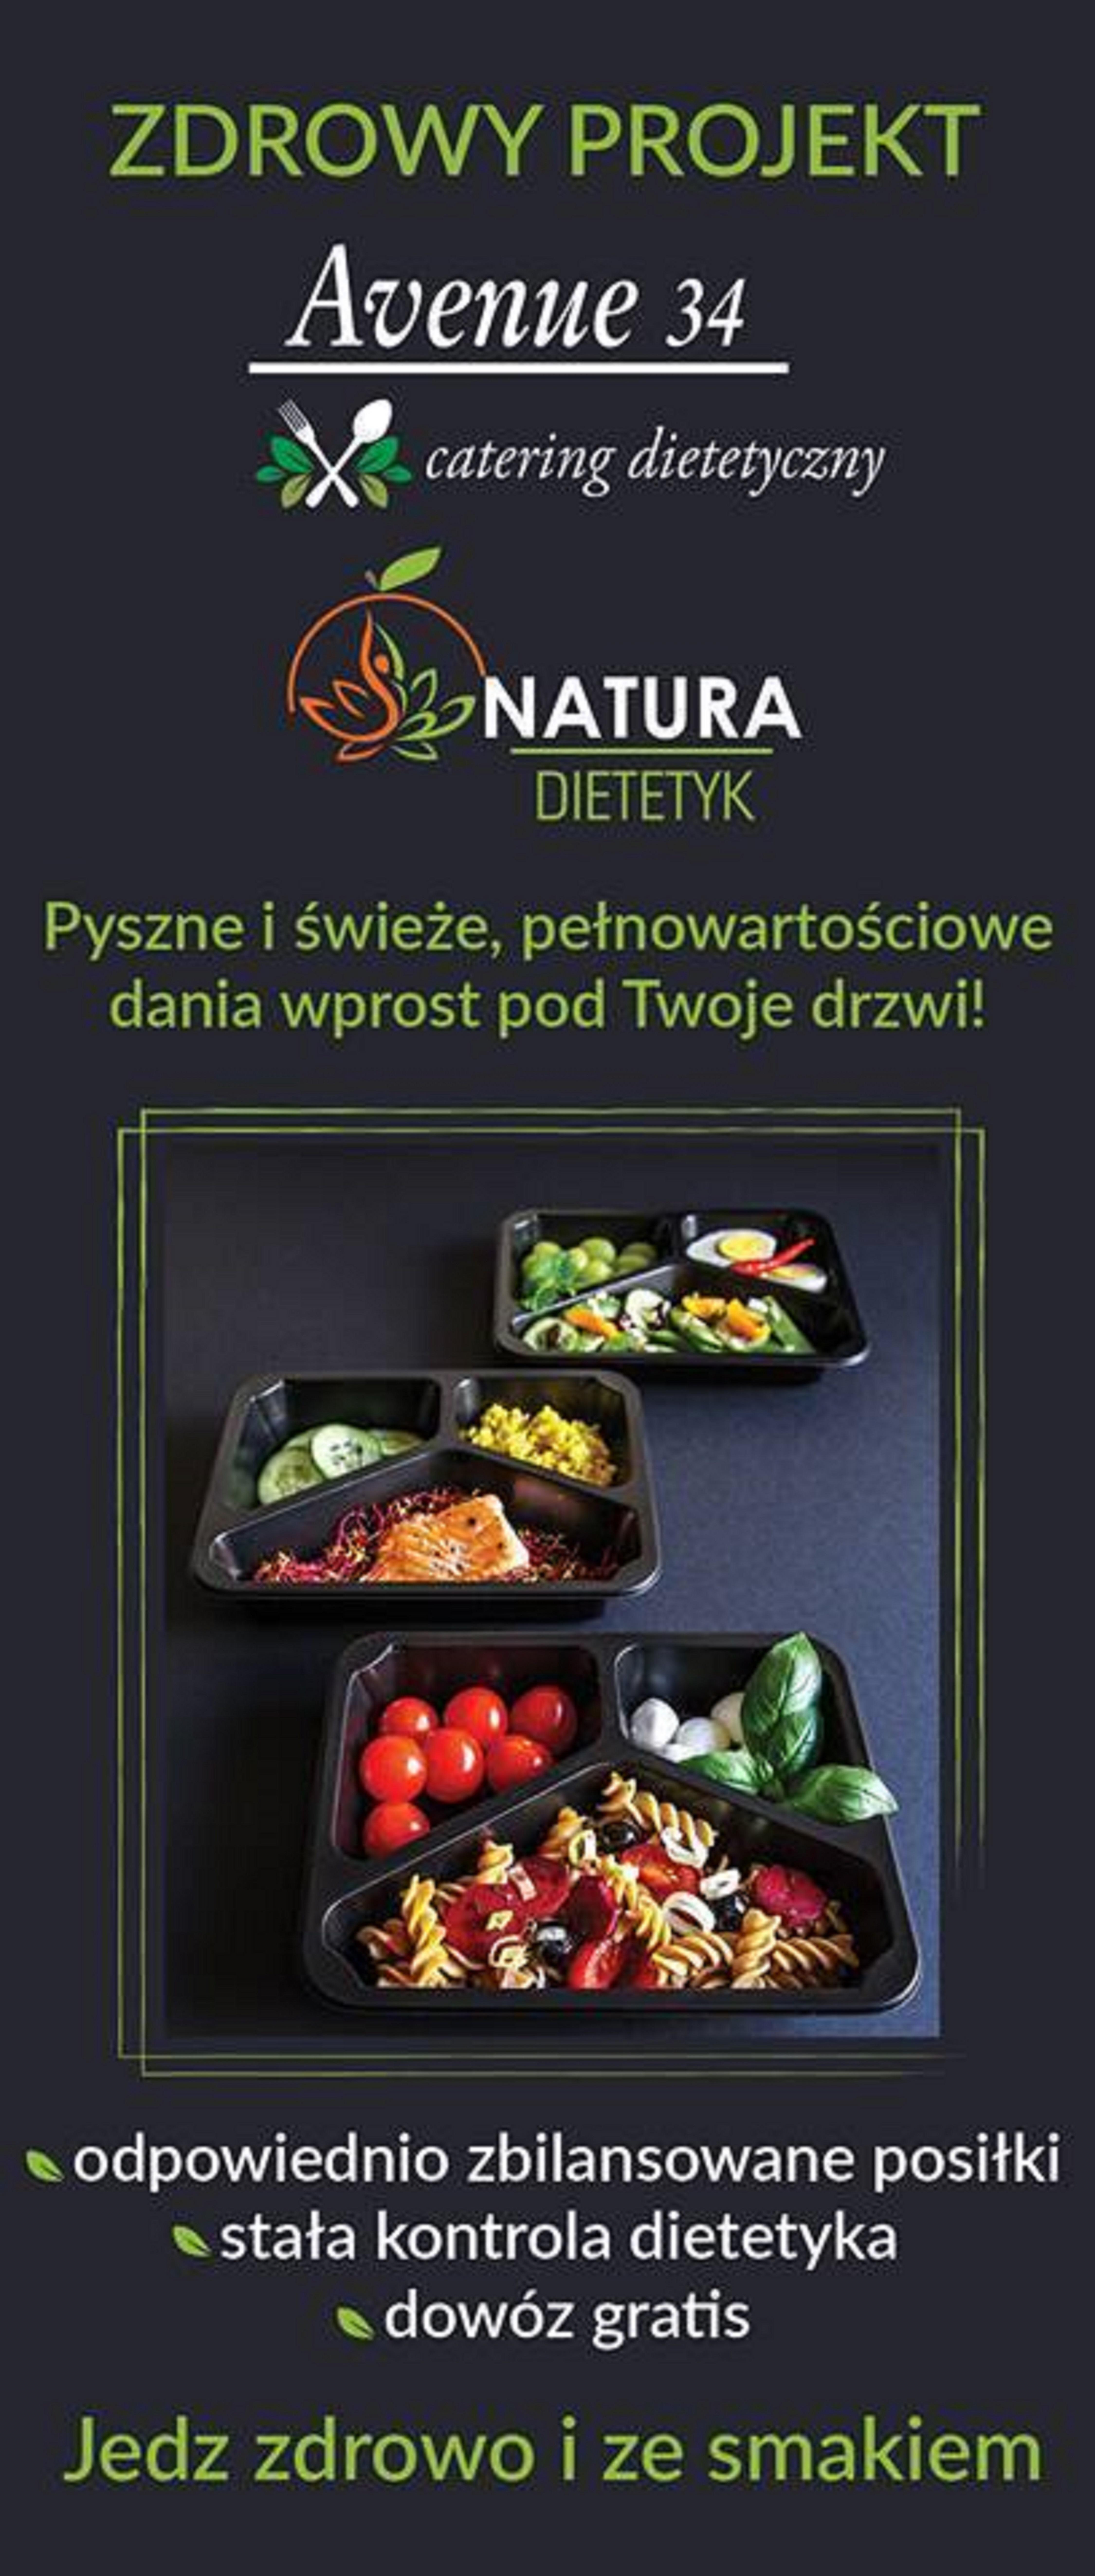 Avenue 34 - catering dietetyczyny